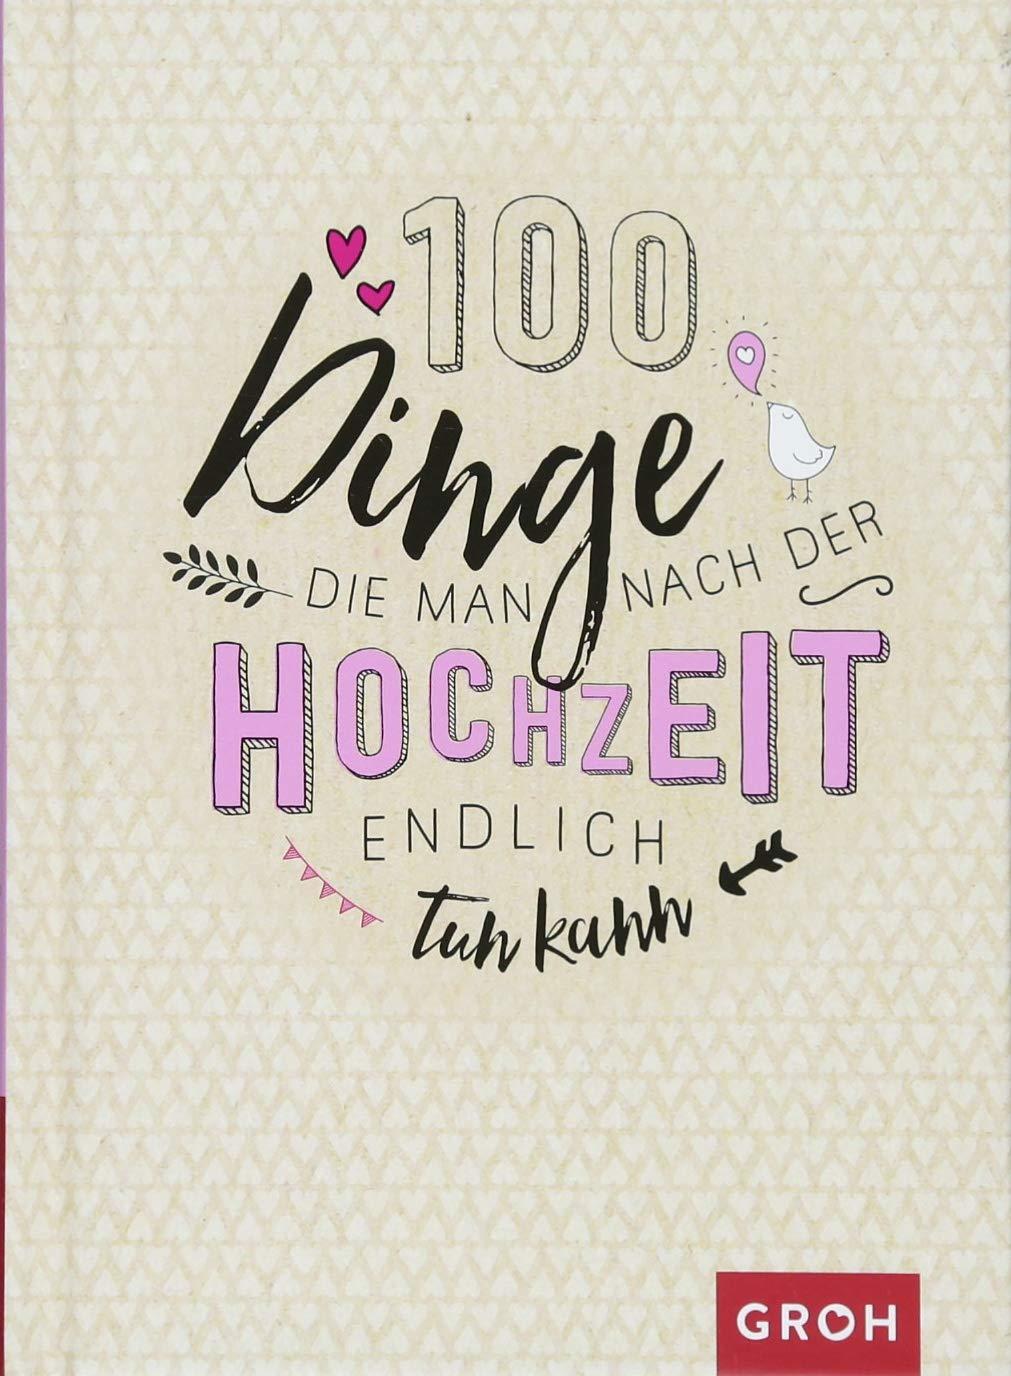 100 Dinge, die man nach der Hochzeit endlich tun kann: 100 kreative Ideen 1